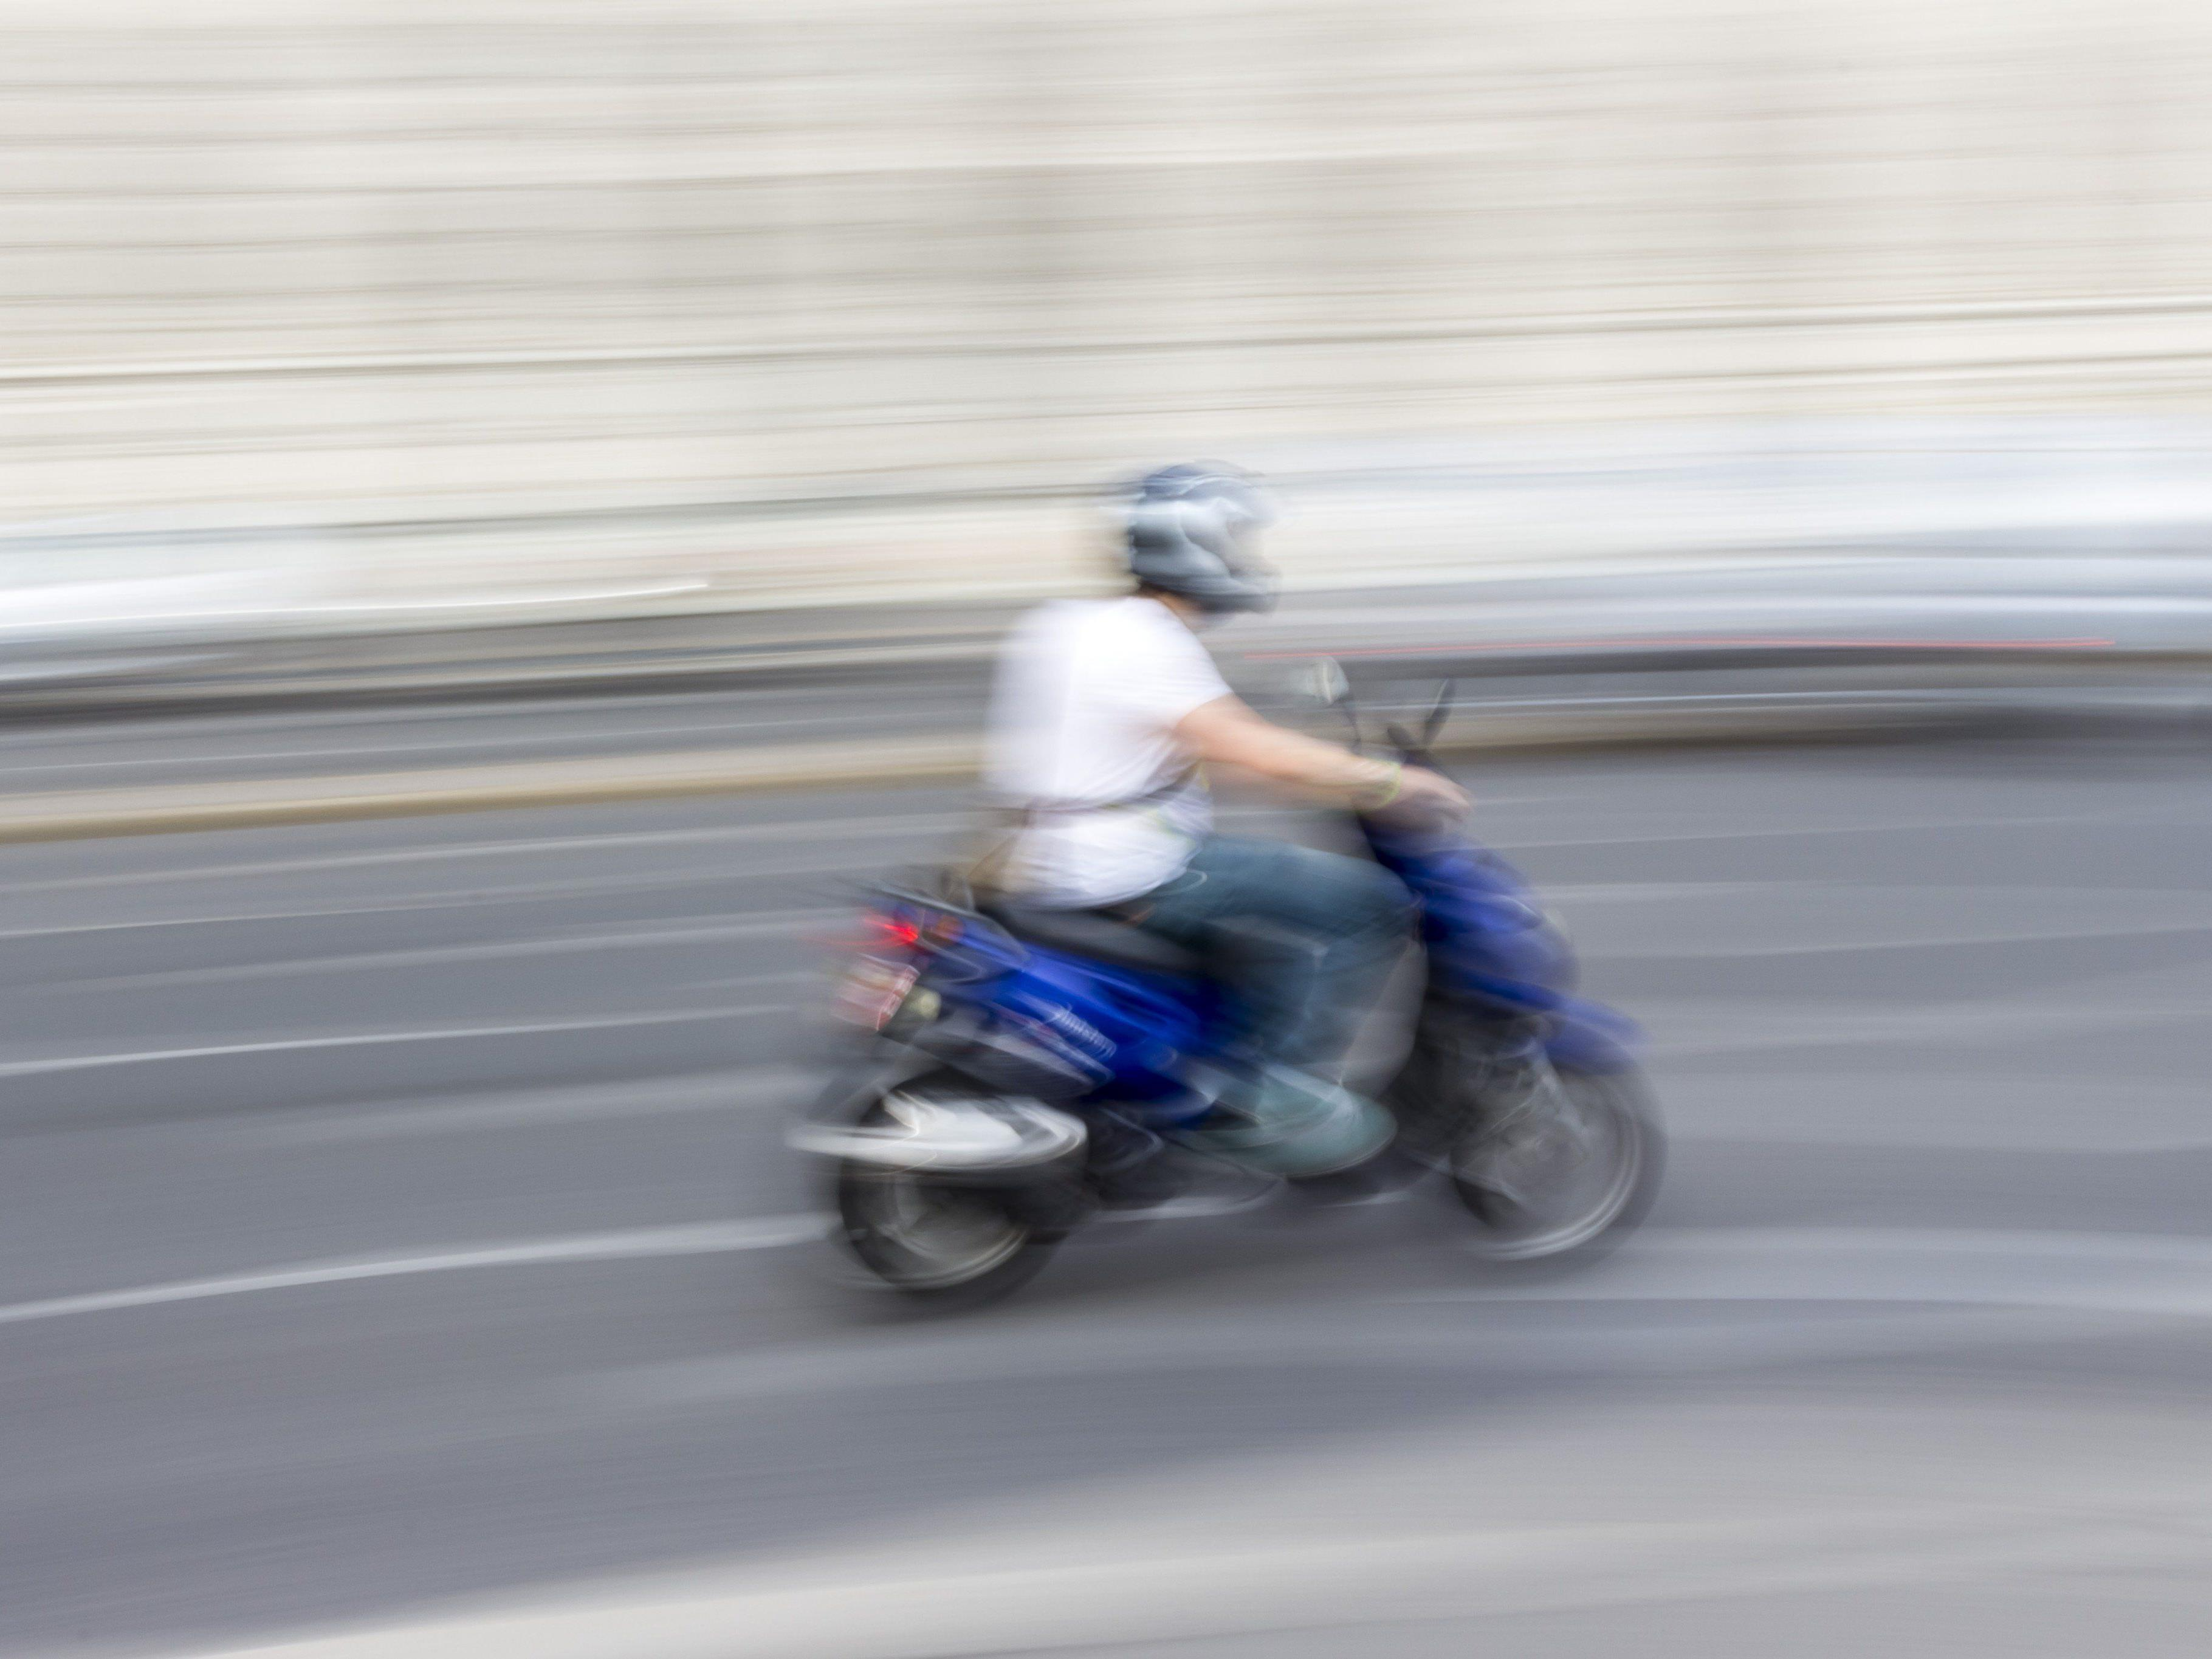 Jeder 3. davon gibt Mopeds und Motorräder als Lärmverursacher an